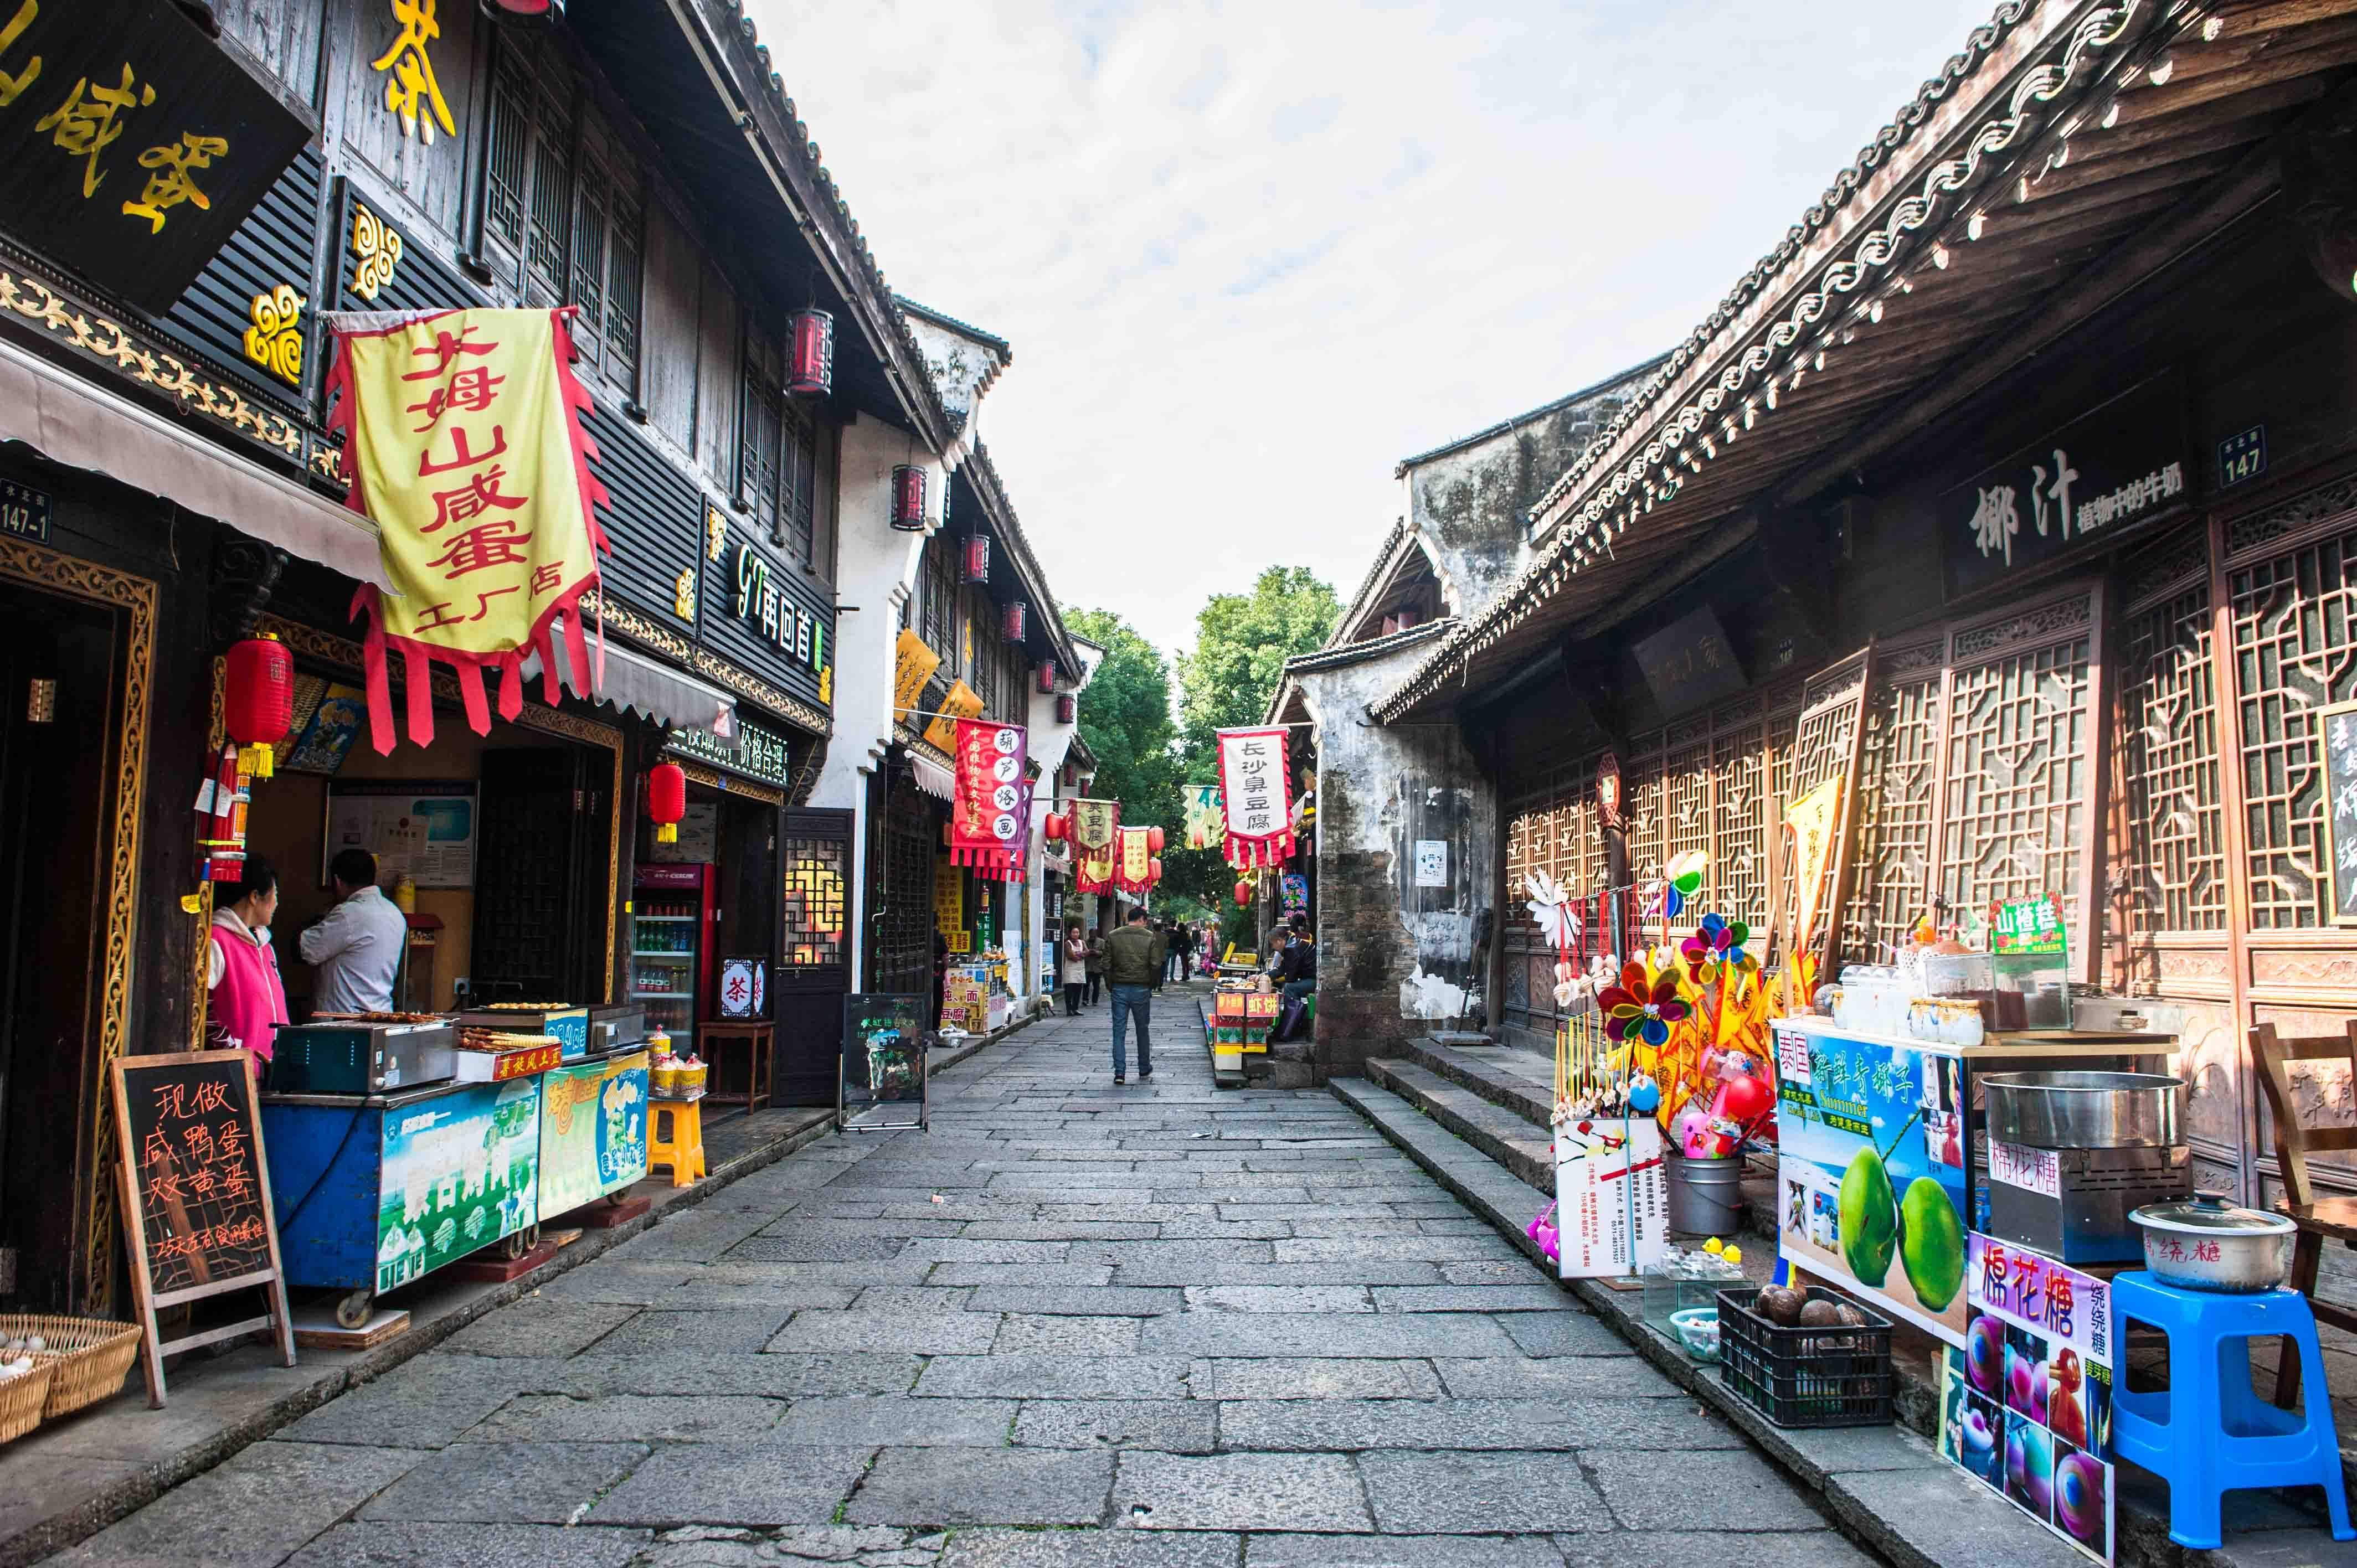 江南这个古镇风景原始,至今都不对游客收门票,还是吃货们的天堂